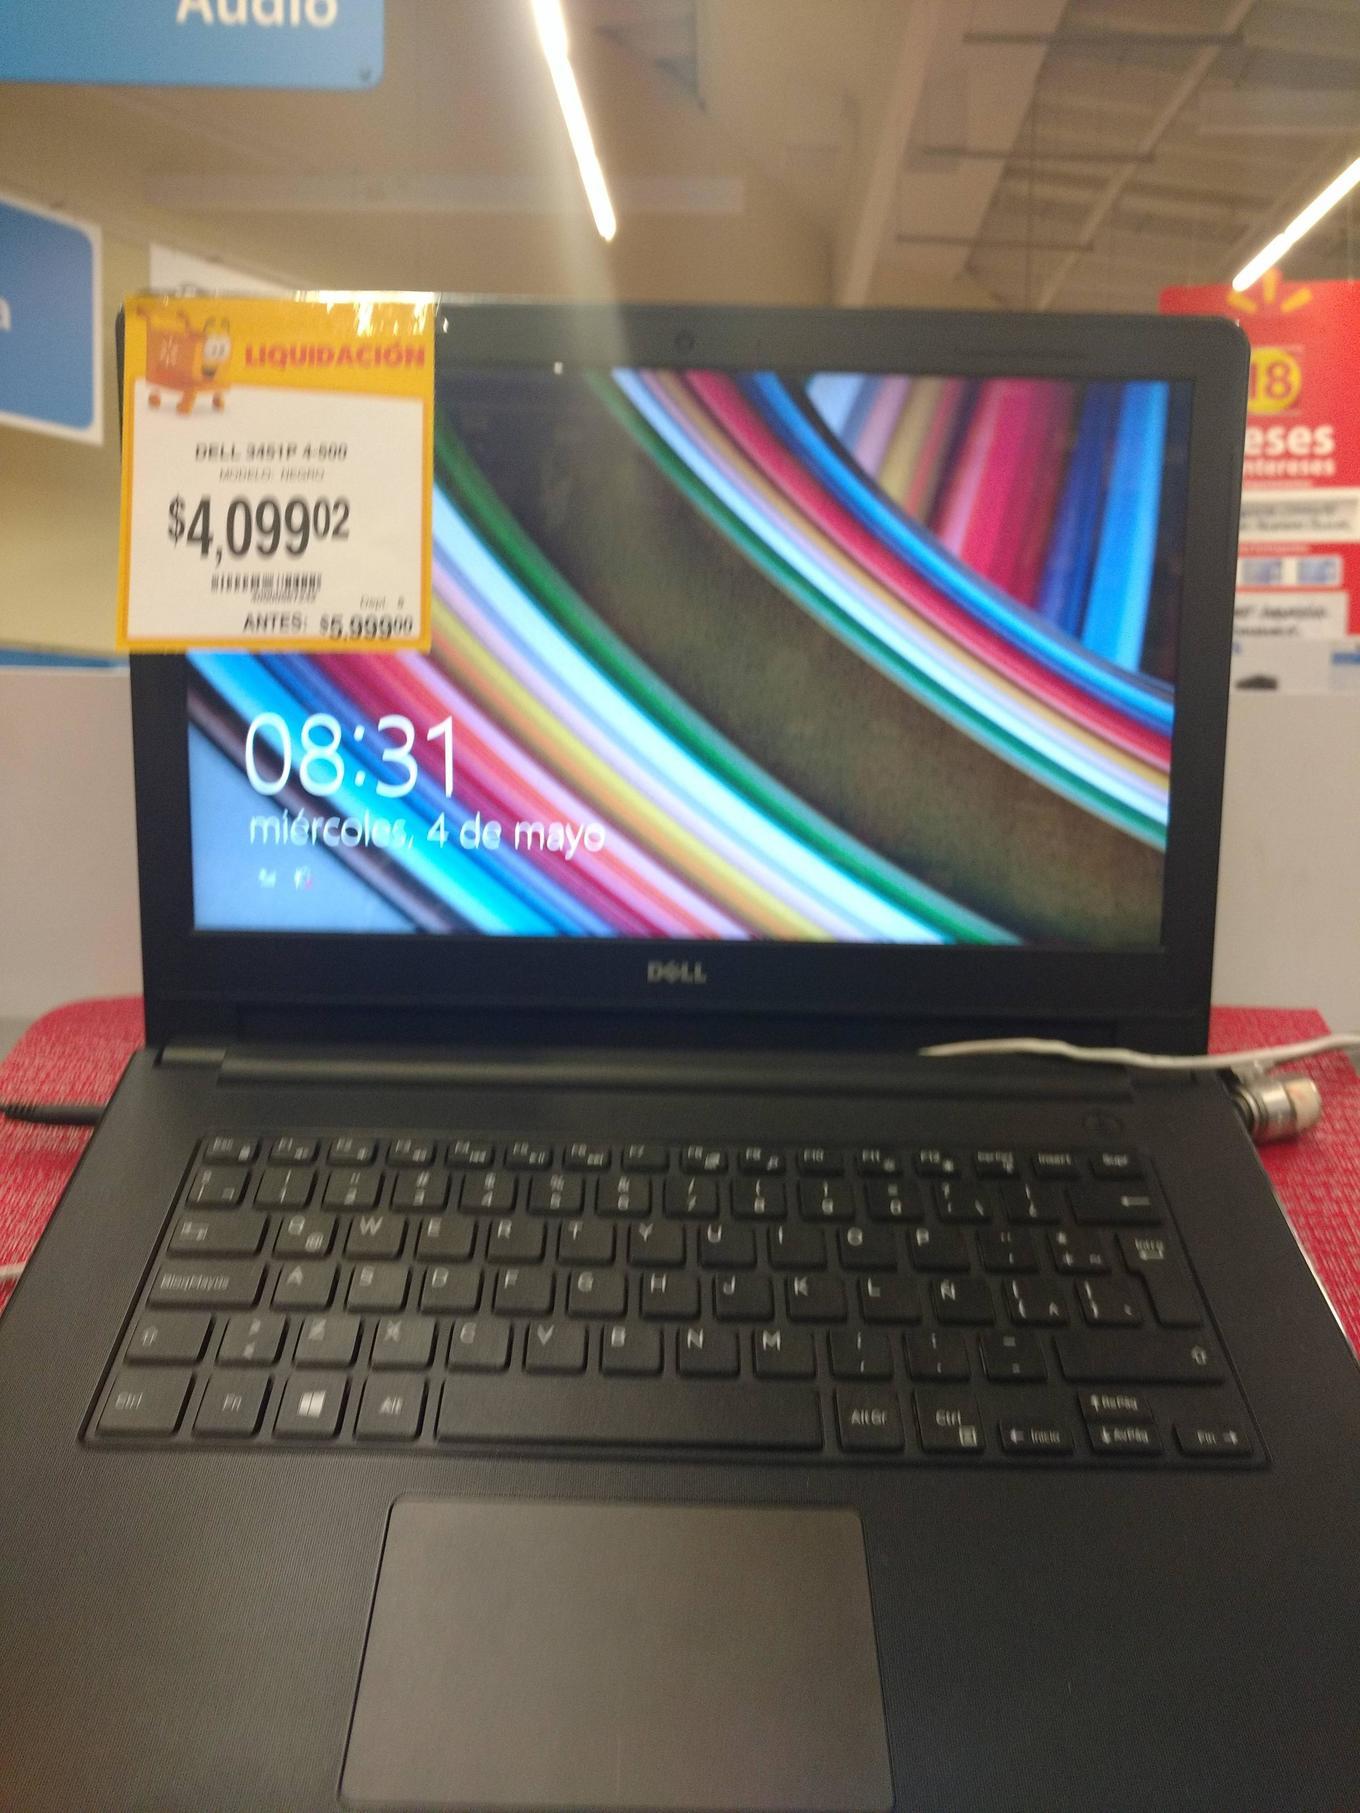 Walmart Quevedo: Dell Inspiron 14 - 3451 a $4,099